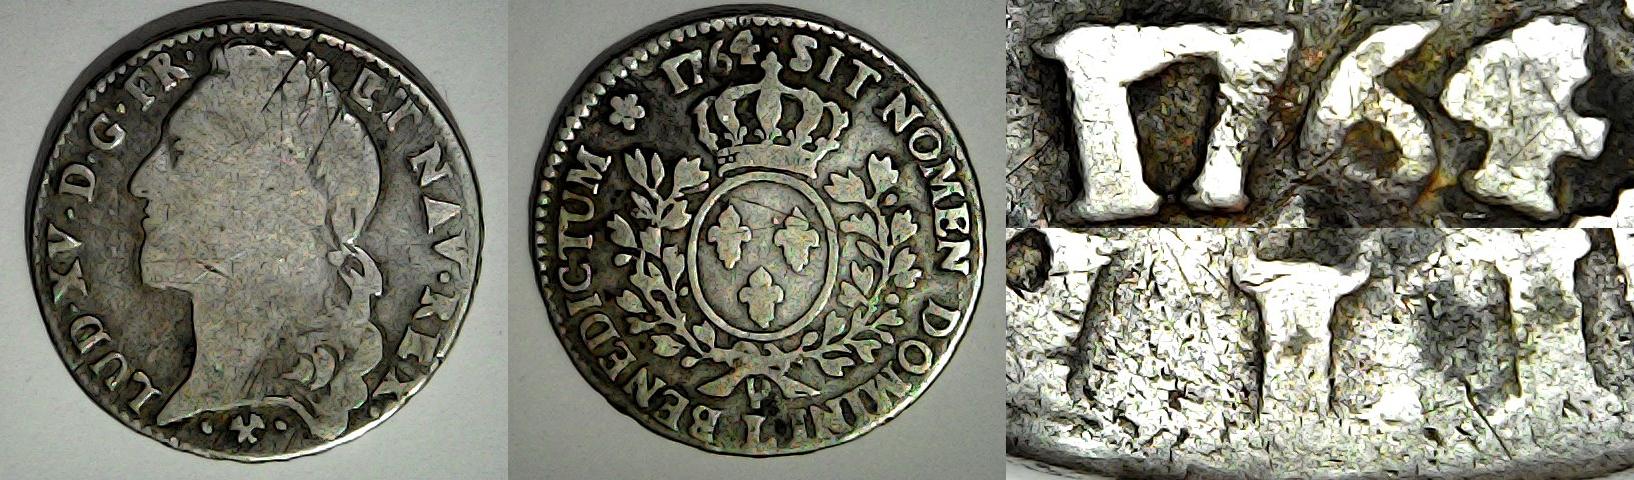 3 livres tournois 1764 L France